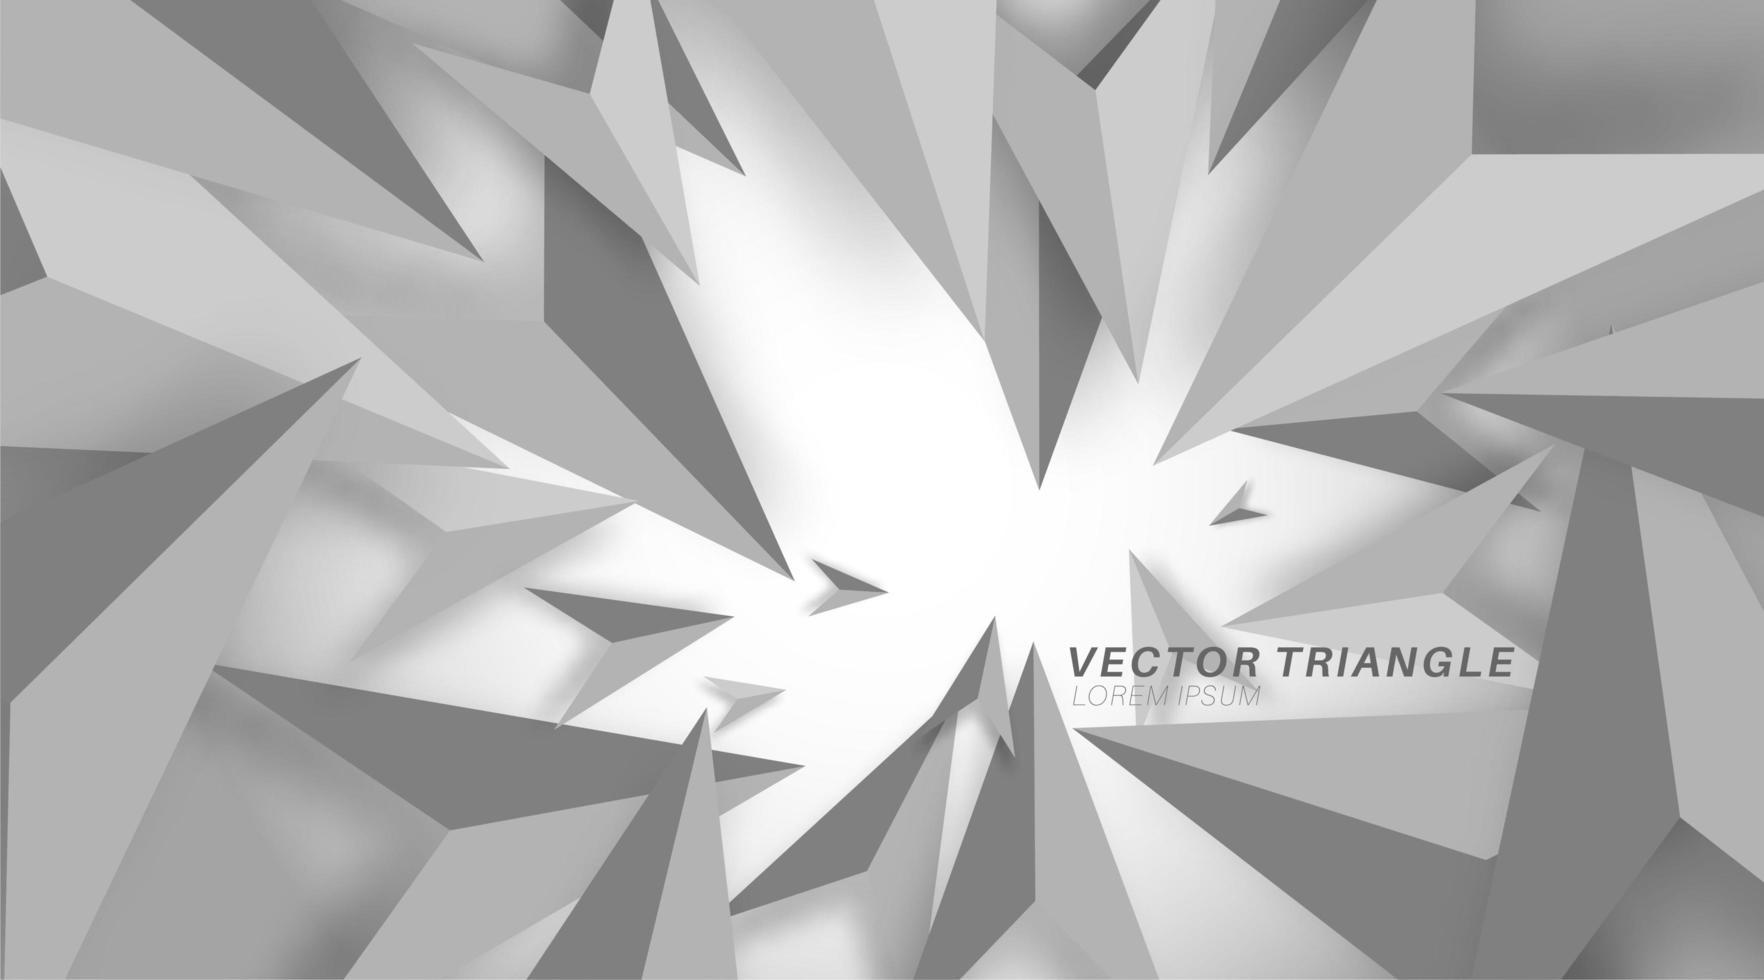 sfondo grigio con forme geometriche 3d. sfondo con poligoni 3d. sfondo con triangoli che cadono vettore